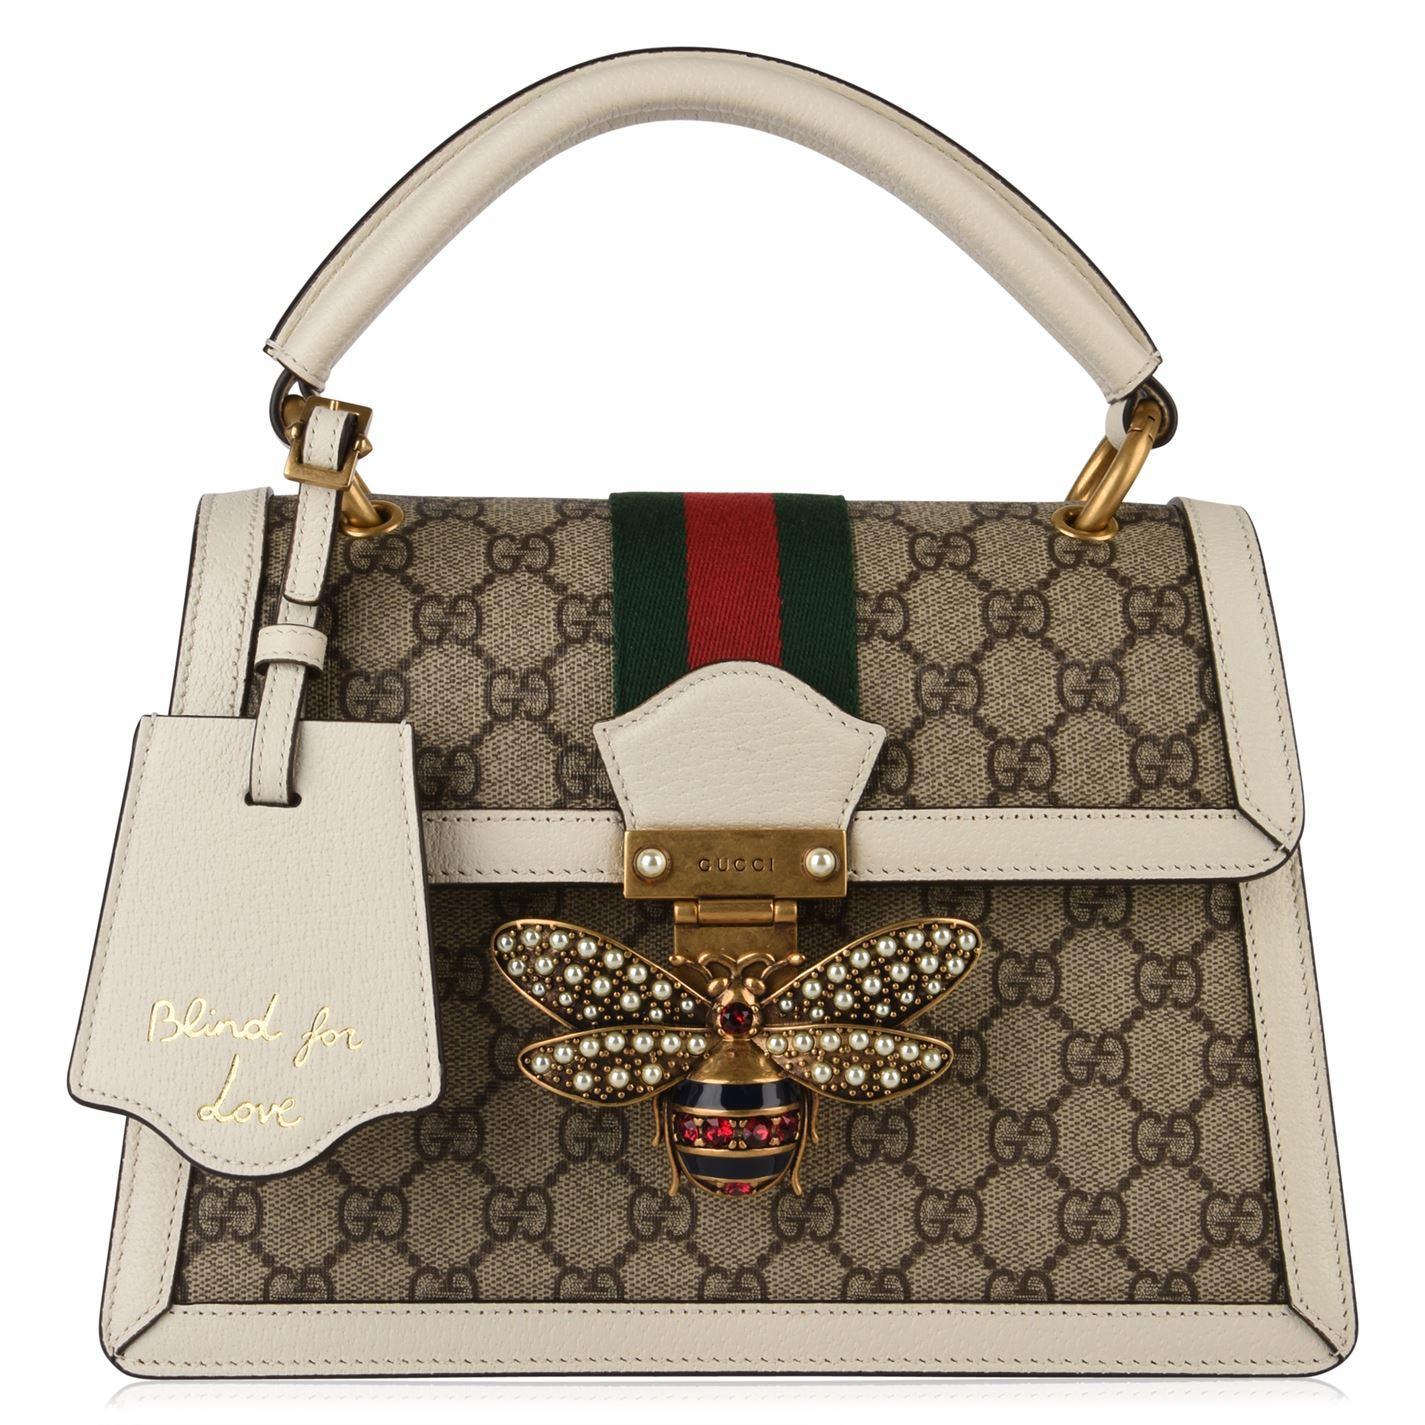 daf8ec396d2 Gucci - Multicolor Queen Margaret Small Gg Bag - Lyst. View fullscreen